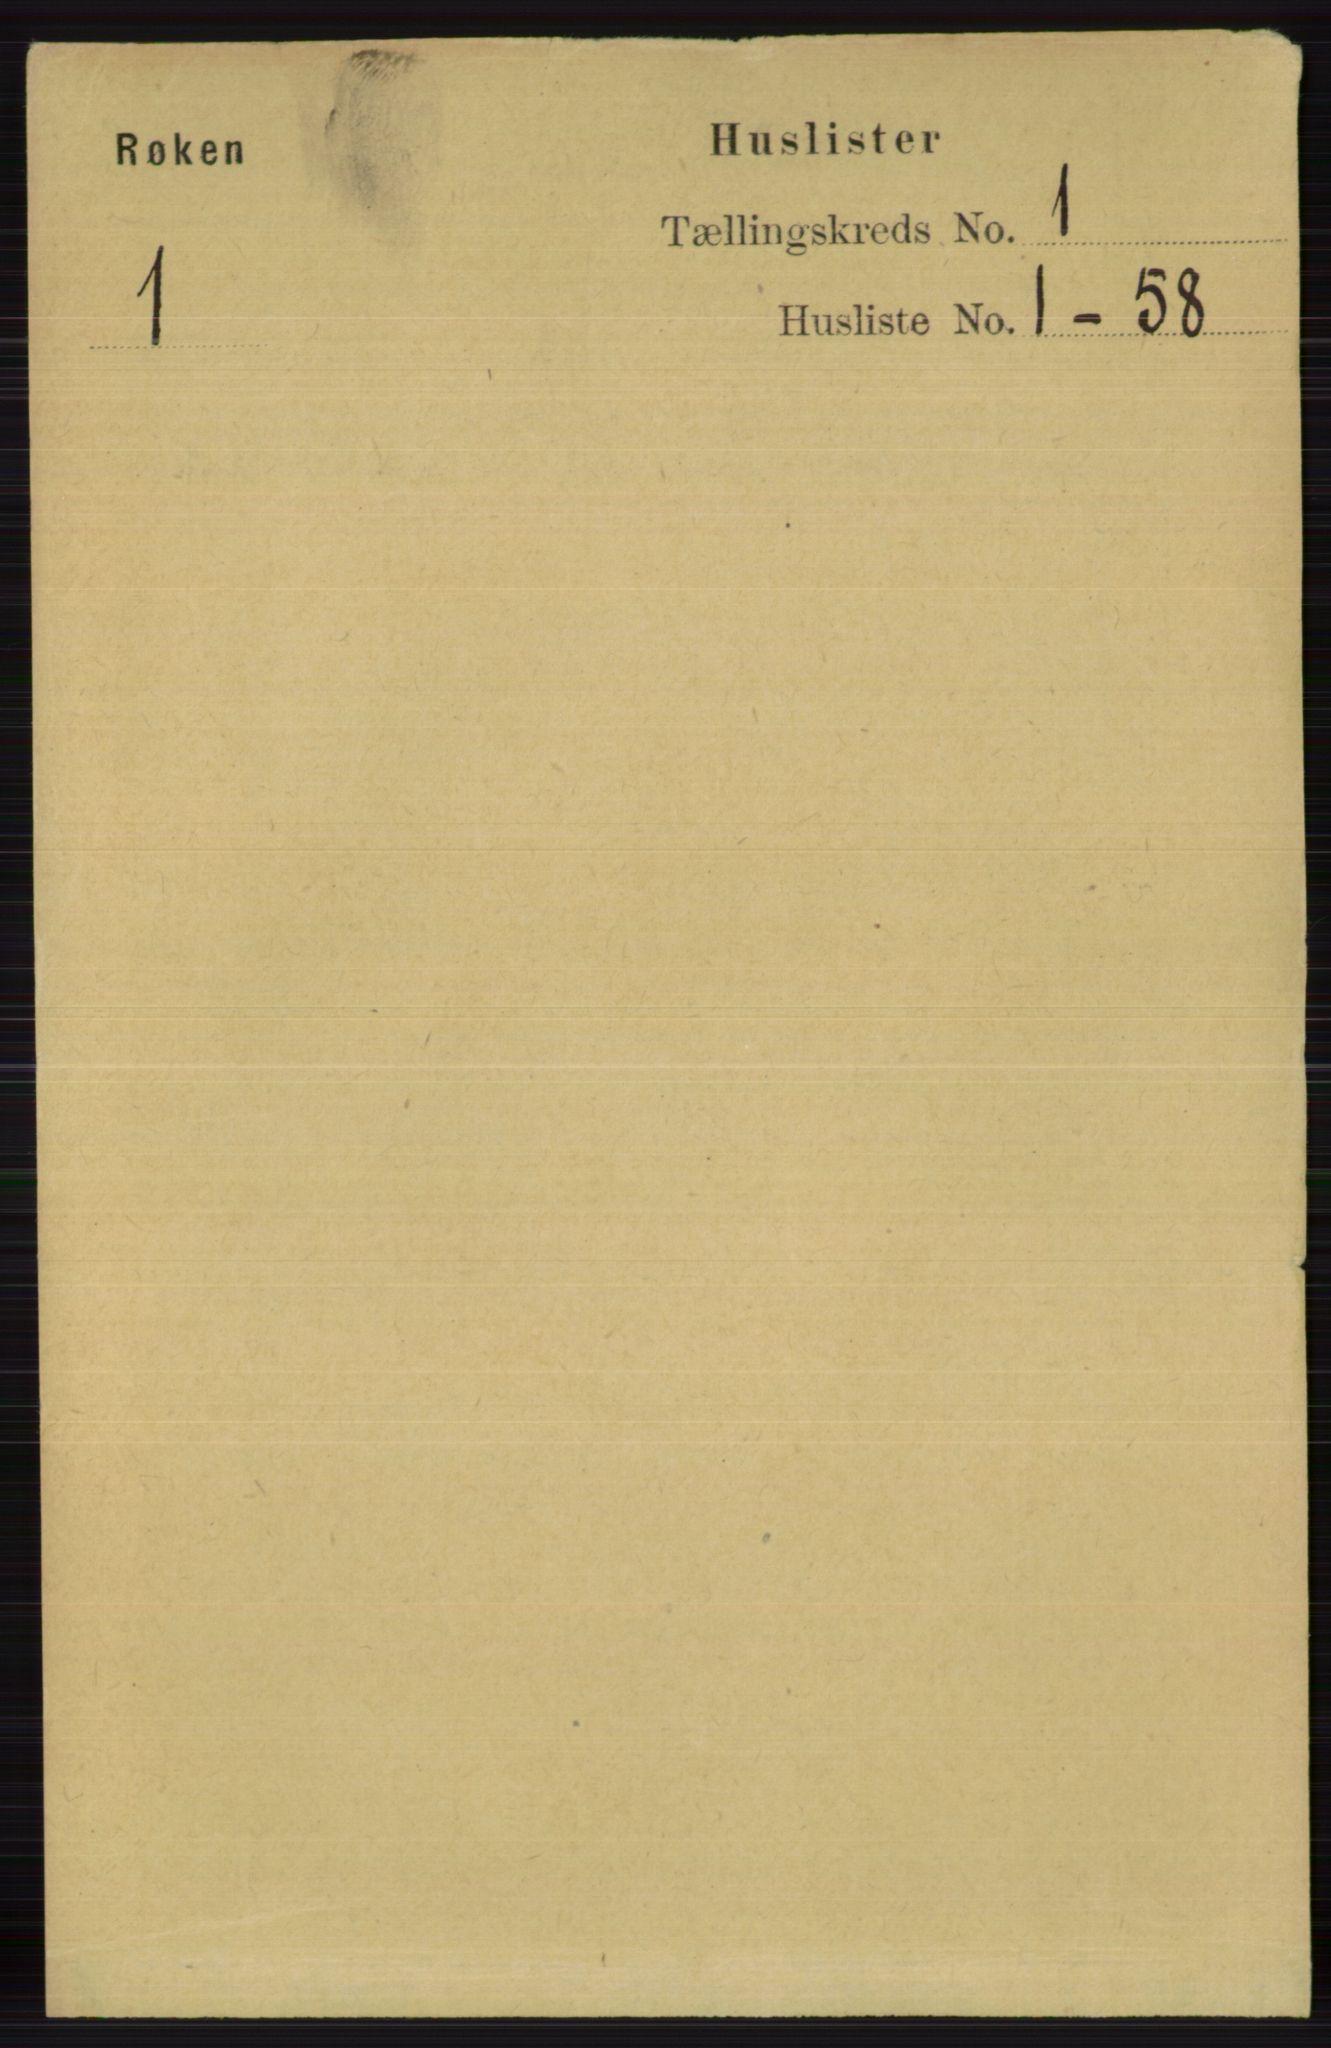 RA, Folketelling 1891 for 0627 Røyken herred, 1891, s. 22